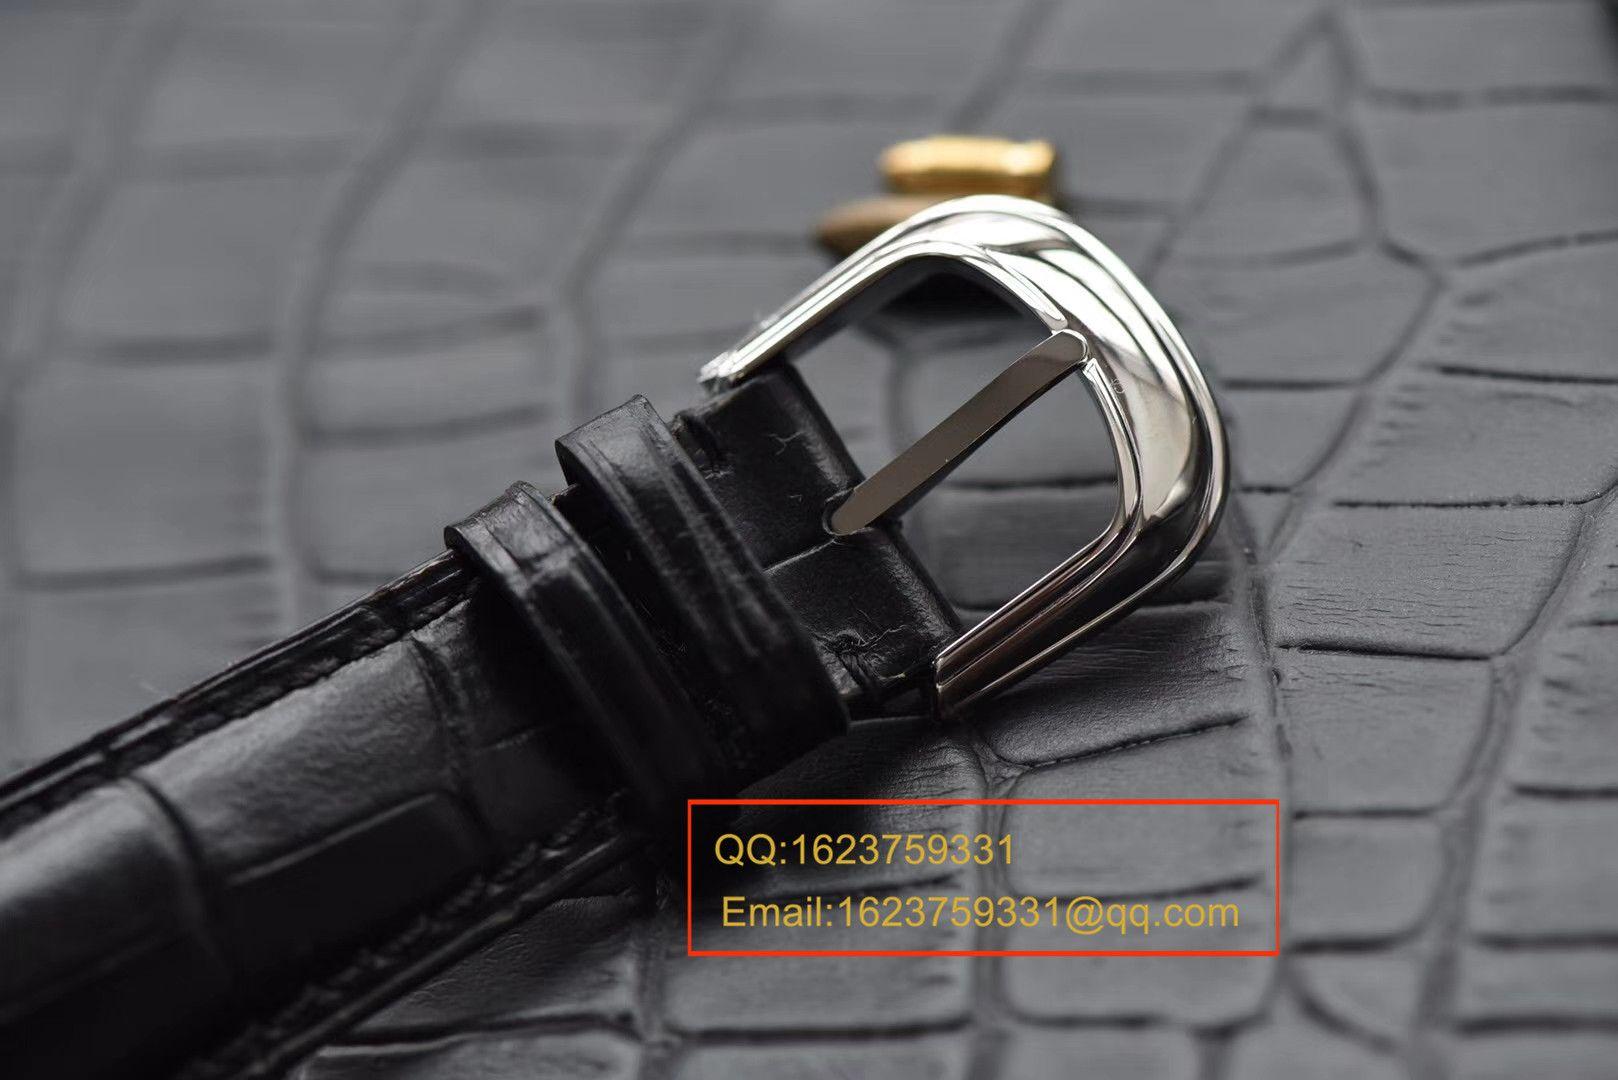 【视频评测GF一比一超A高仿手表】Franck Muller法兰克.穆勒CASABLANCA系列8880 C DT 白盘腕表 / FLBA021